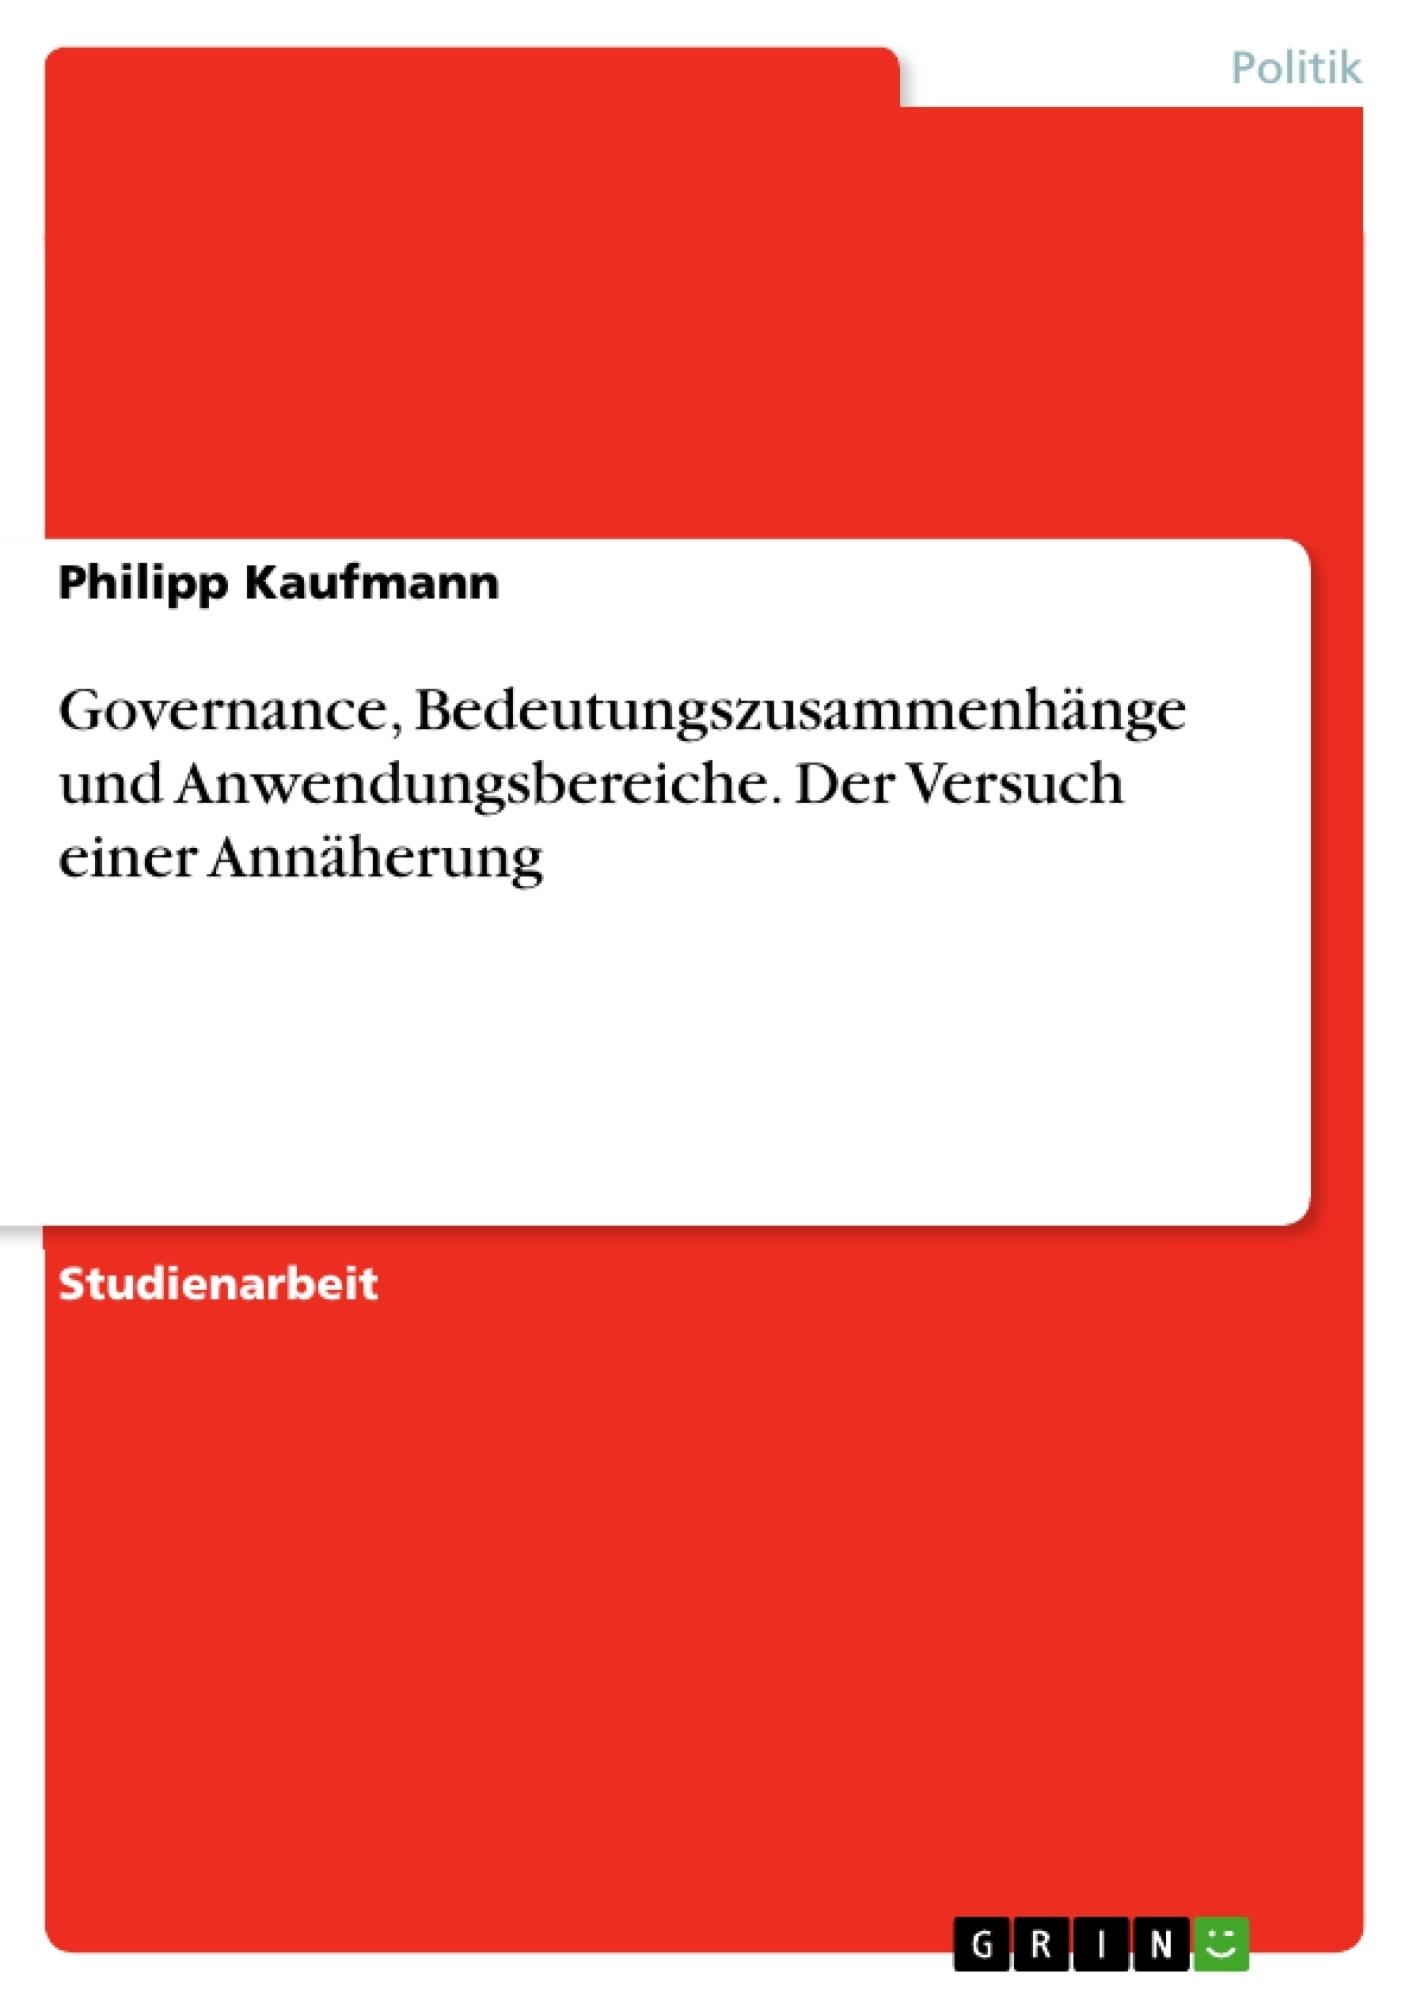 Titel: Governance, Bedeutungszusammenhänge und Anwendungsbereiche. Der Versuch einer Annäherung